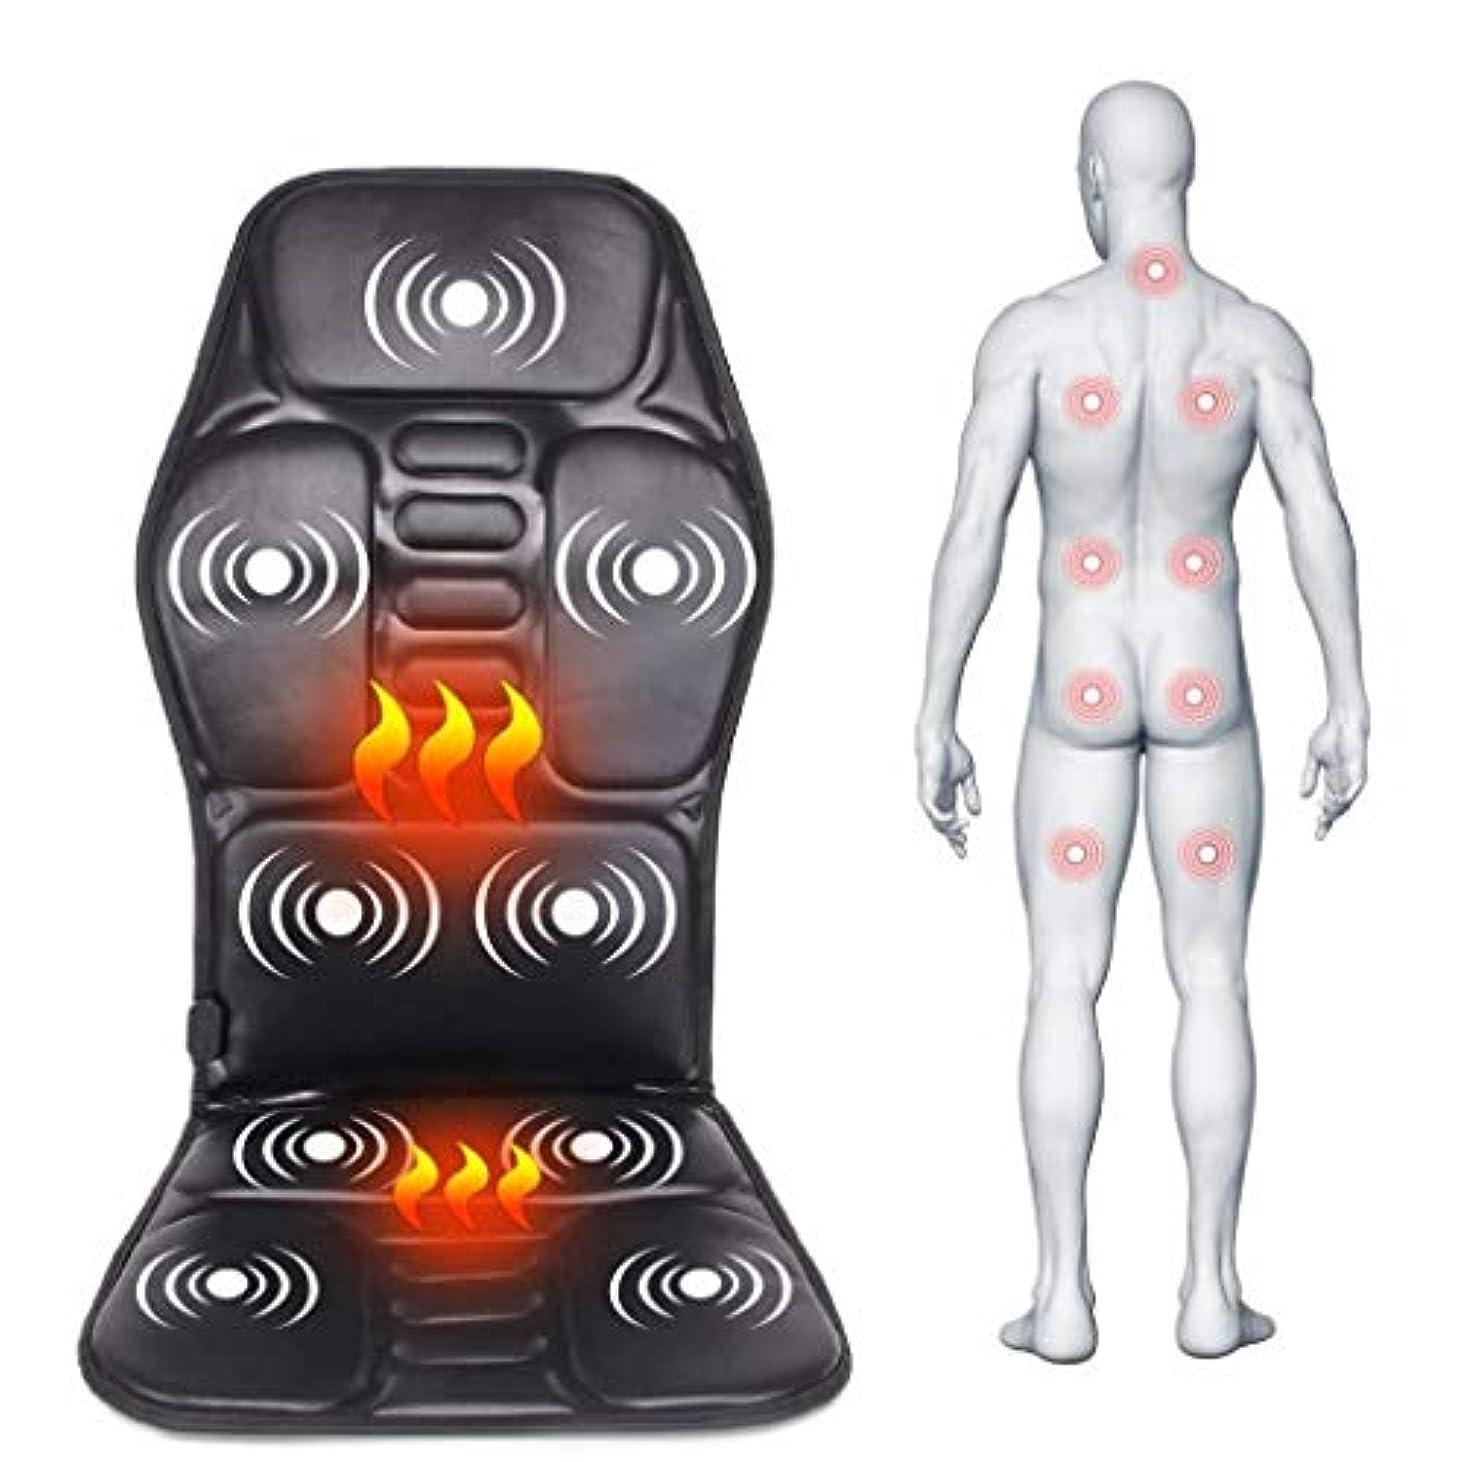 横業界浮くマッサージクッション、電動ポータブル暖房/振動/マッサージ、カー/ホーム/オフィスでの使用、腰と首の痛みを和らげるには、血液循環を促進、疲労を和らげます